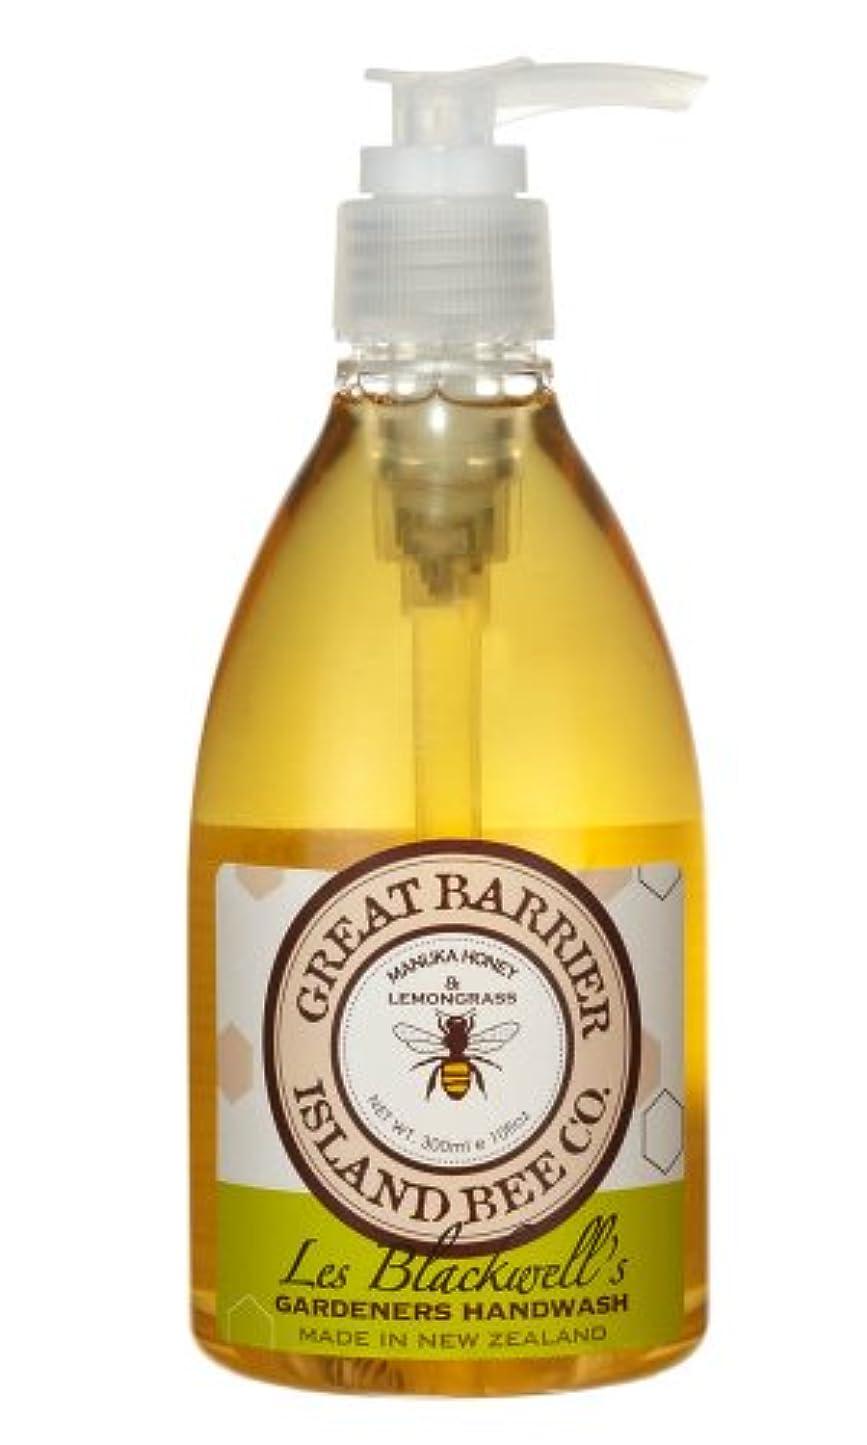 臭い一時解雇するキャンバスGBI(グレートバリアアイランドビー) マヌカハニー ハンドウォッシュ レモングラス  300ml